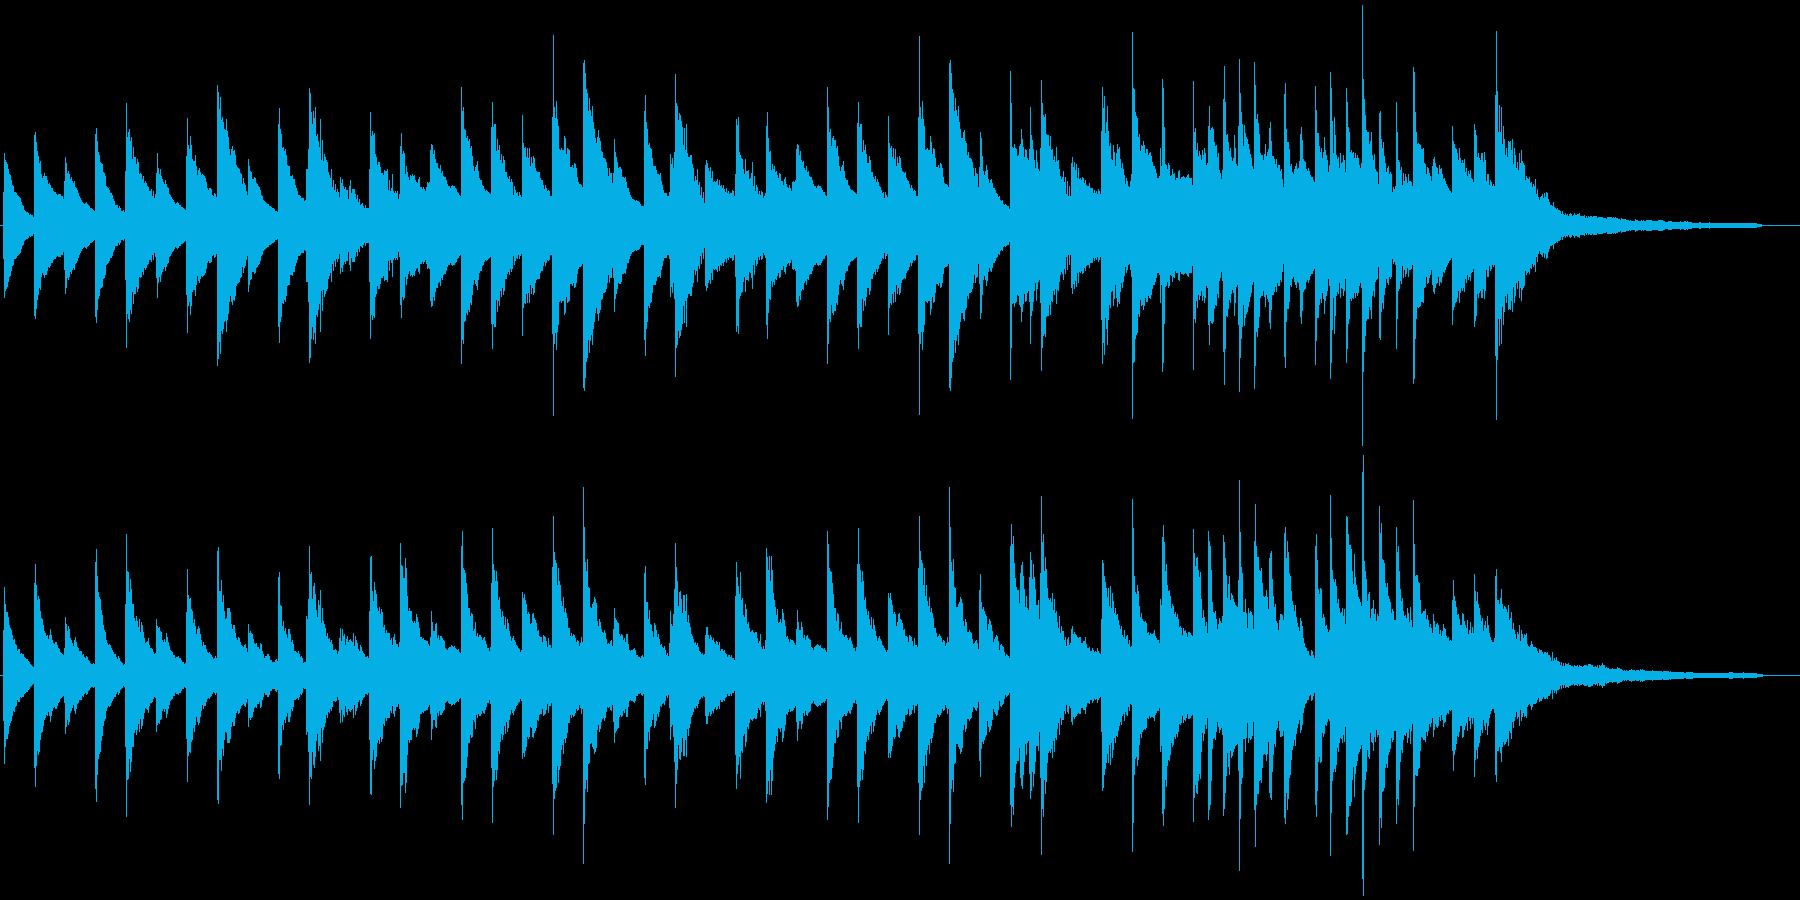 スローで落ち着いたピアノのBGMの再生済みの波形